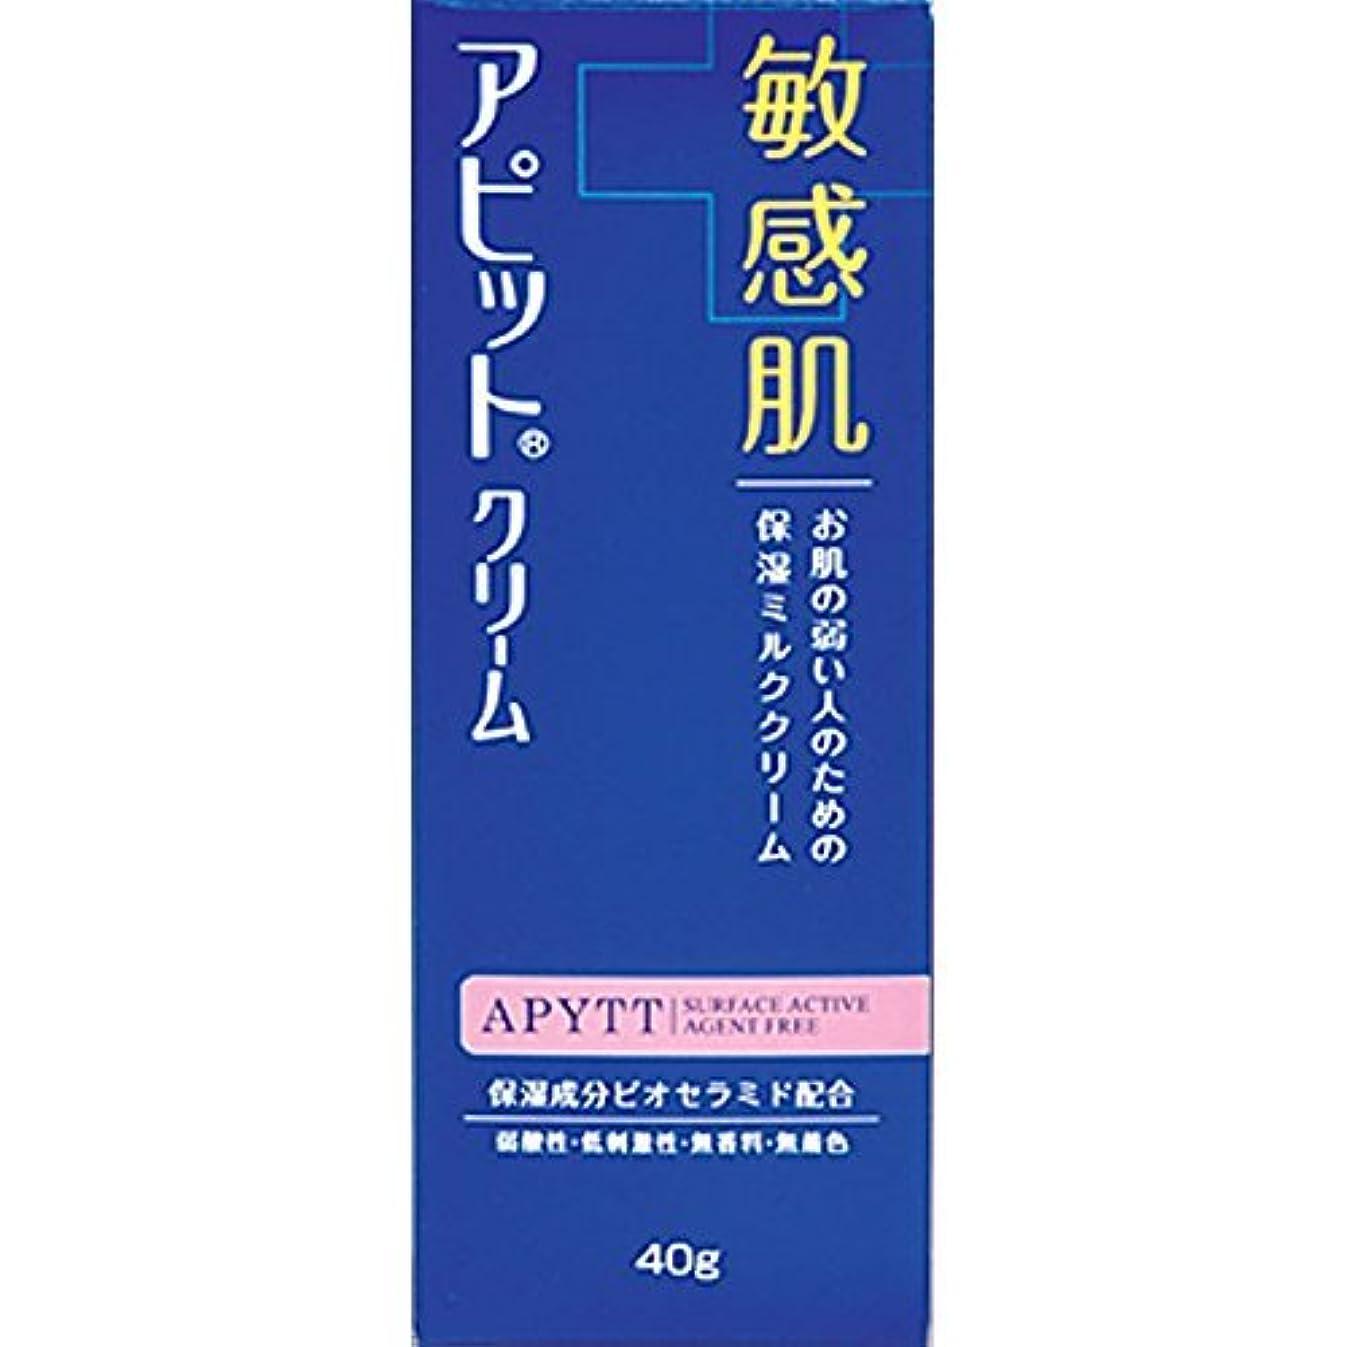 小道具欺く虹全薬工業 アピットクリーム 40g (医薬部外品)